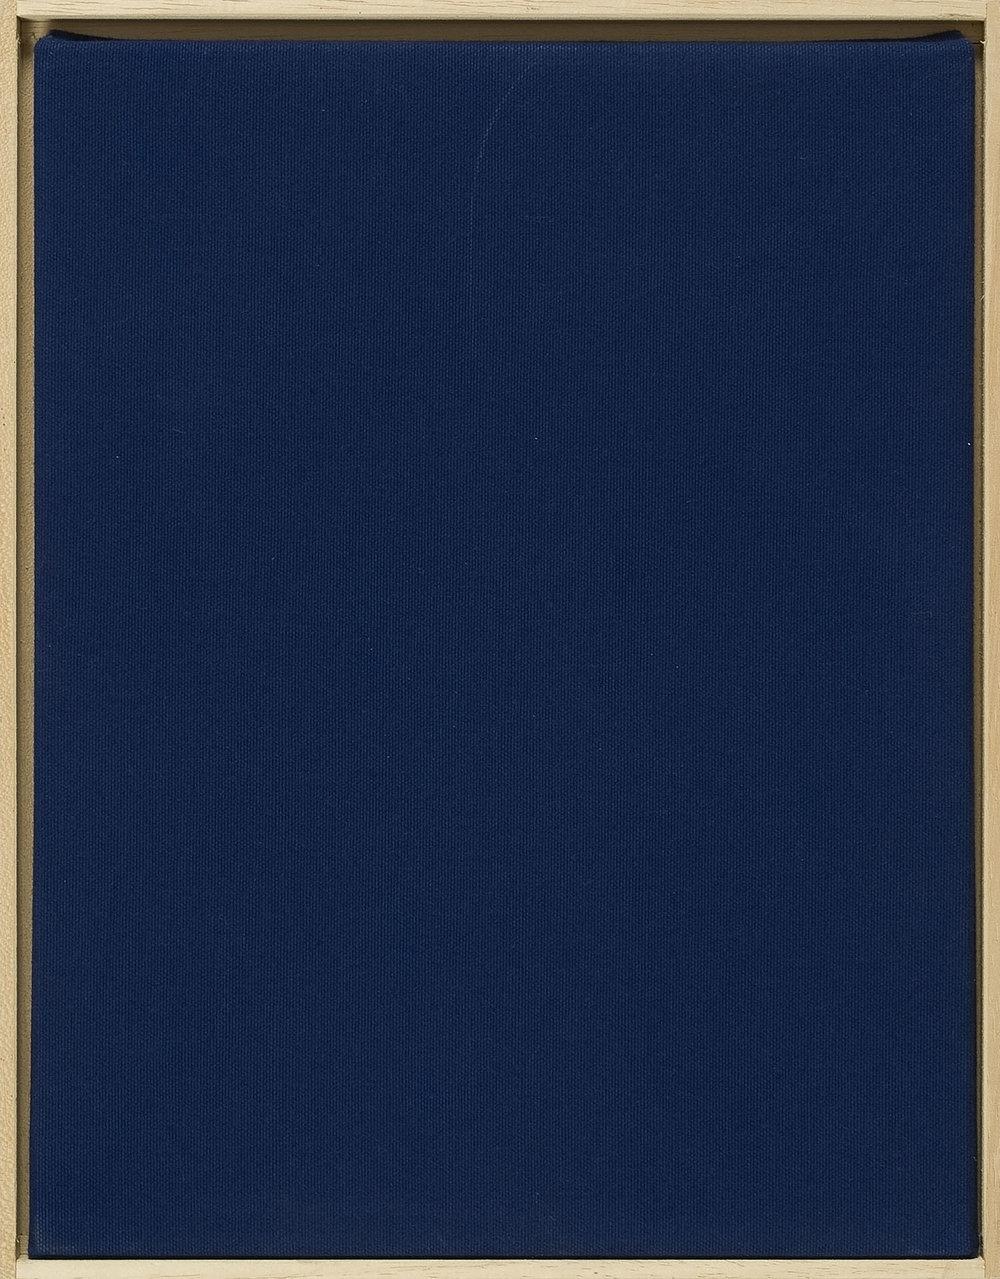 Werkhandlung 2, Der 1. Werksatz 2 | 2002 | Multiple einer Textilarbeit mit Videotape in Holzbox, mit Handzeichnung und Farbfoto in Pergaminhülle | 33 x 26 x 6 cm